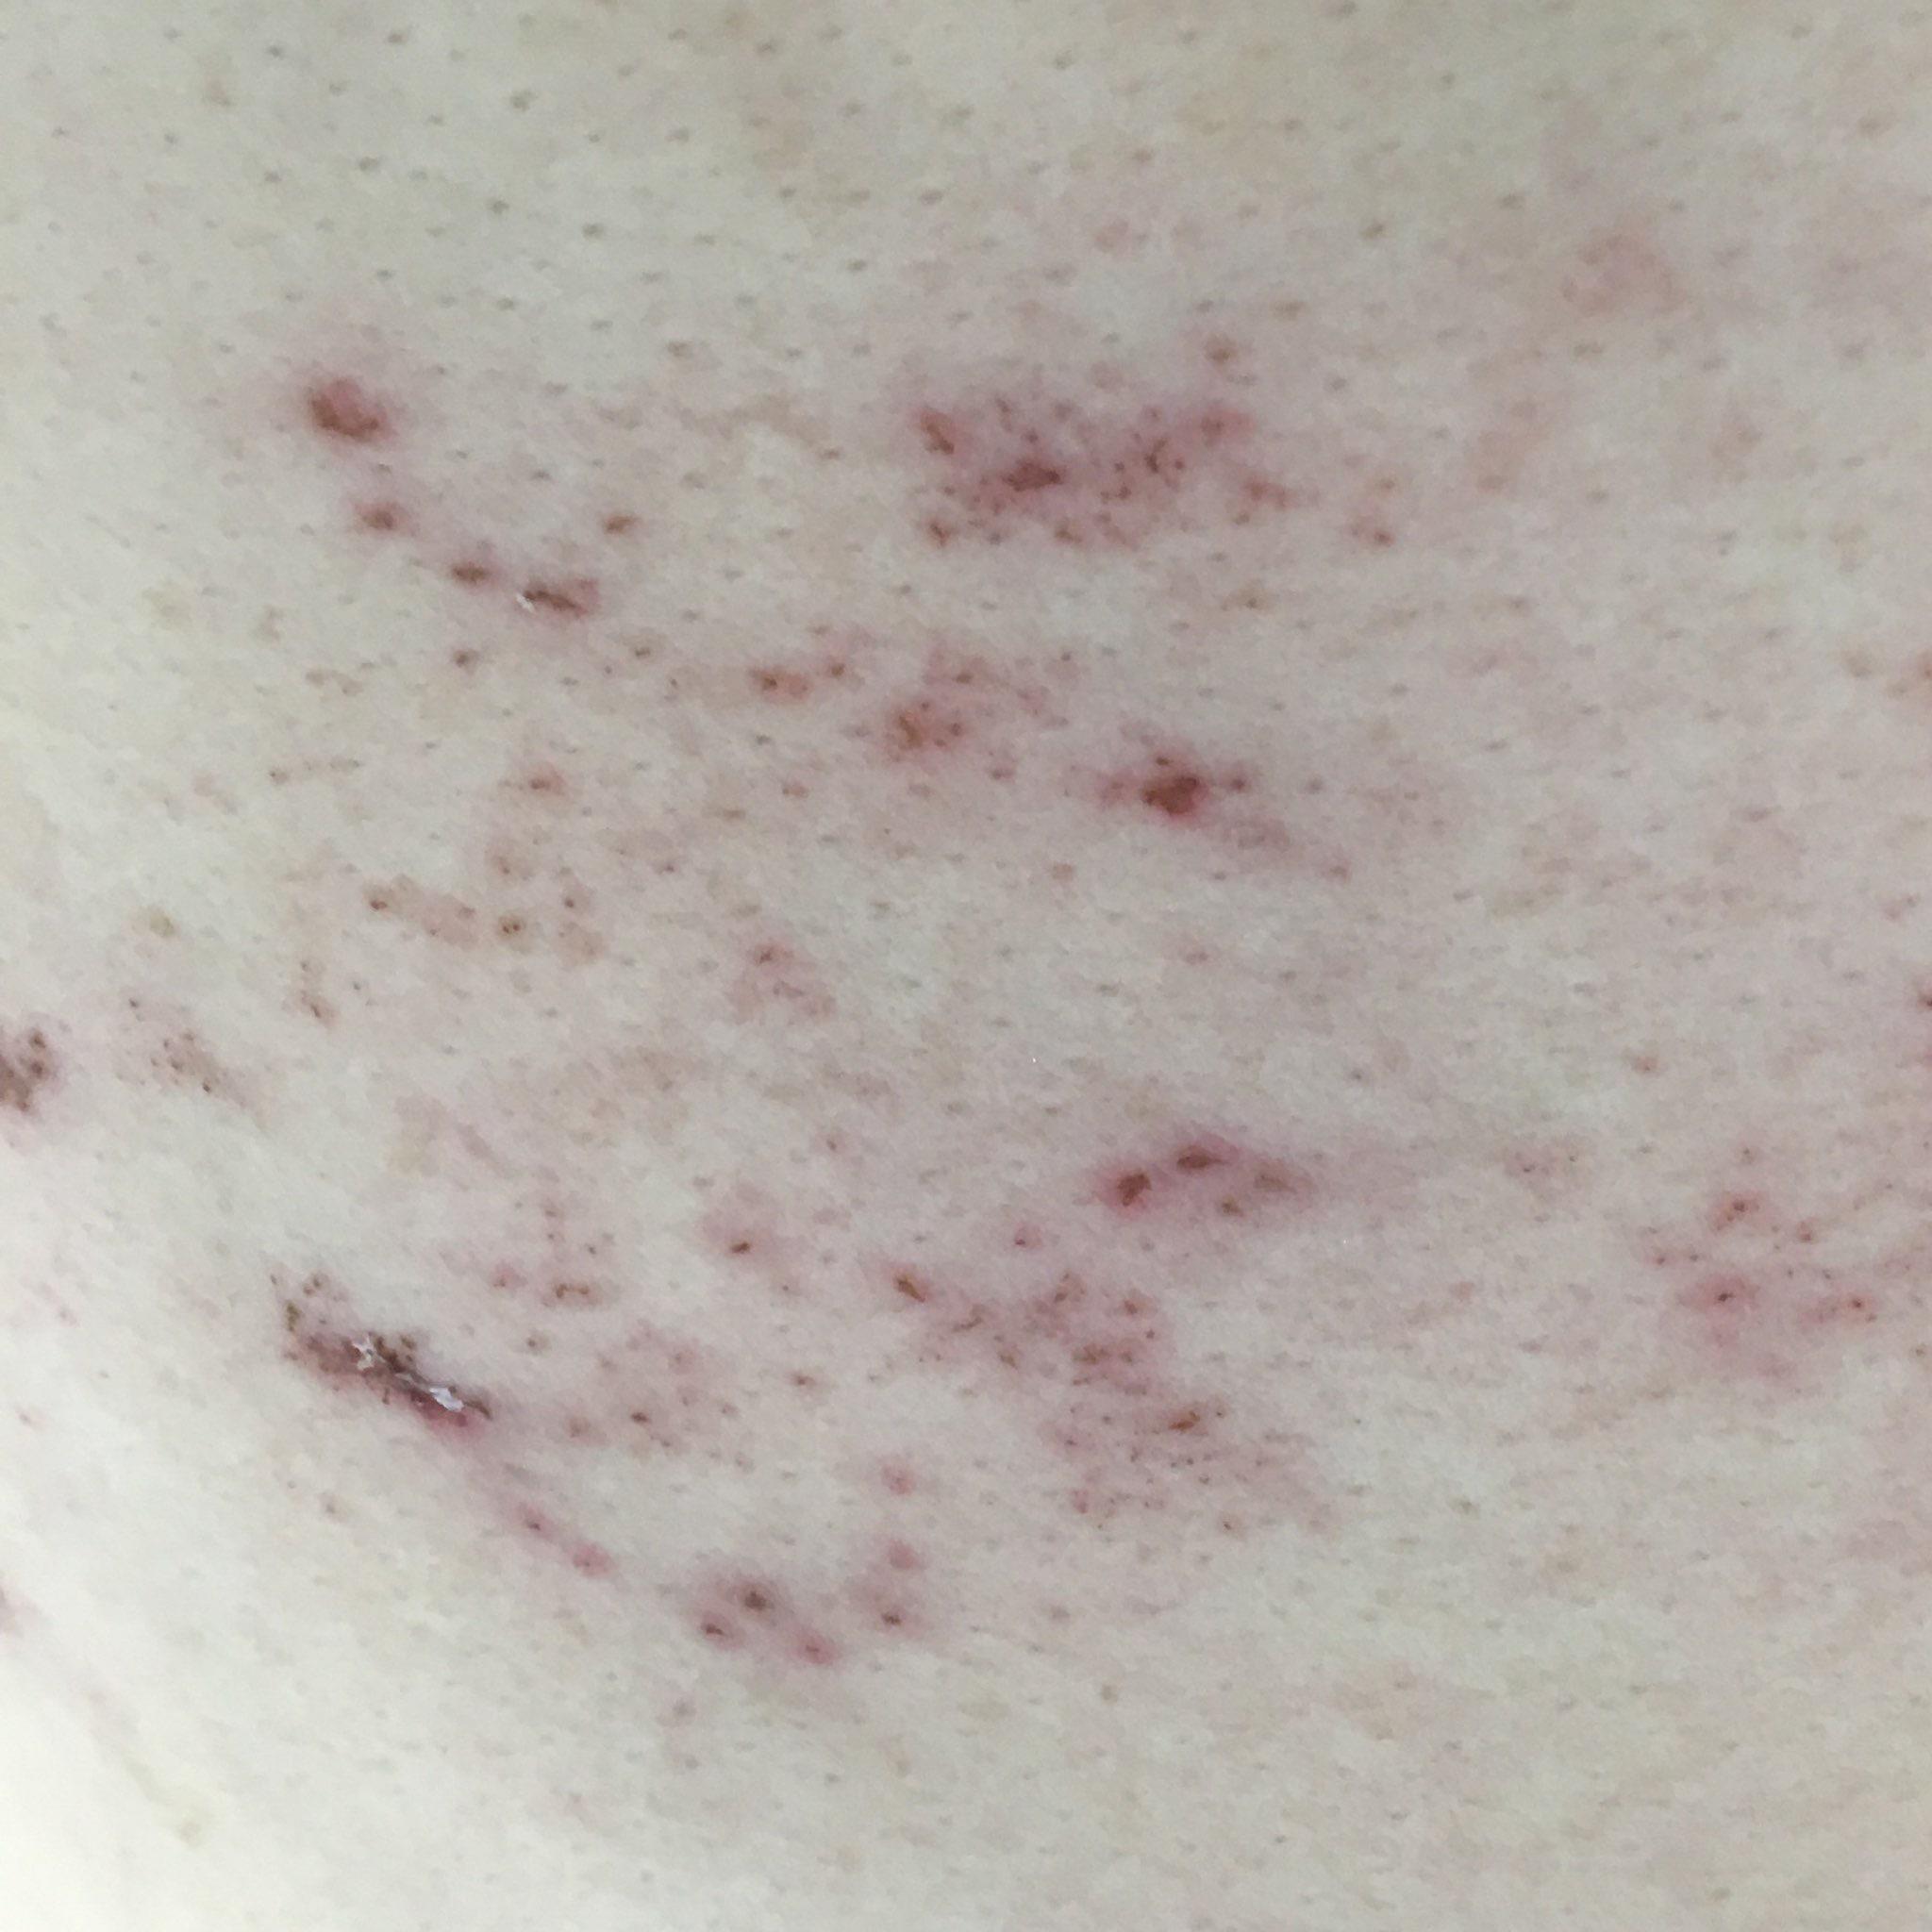 わきばらの帯状疱疹